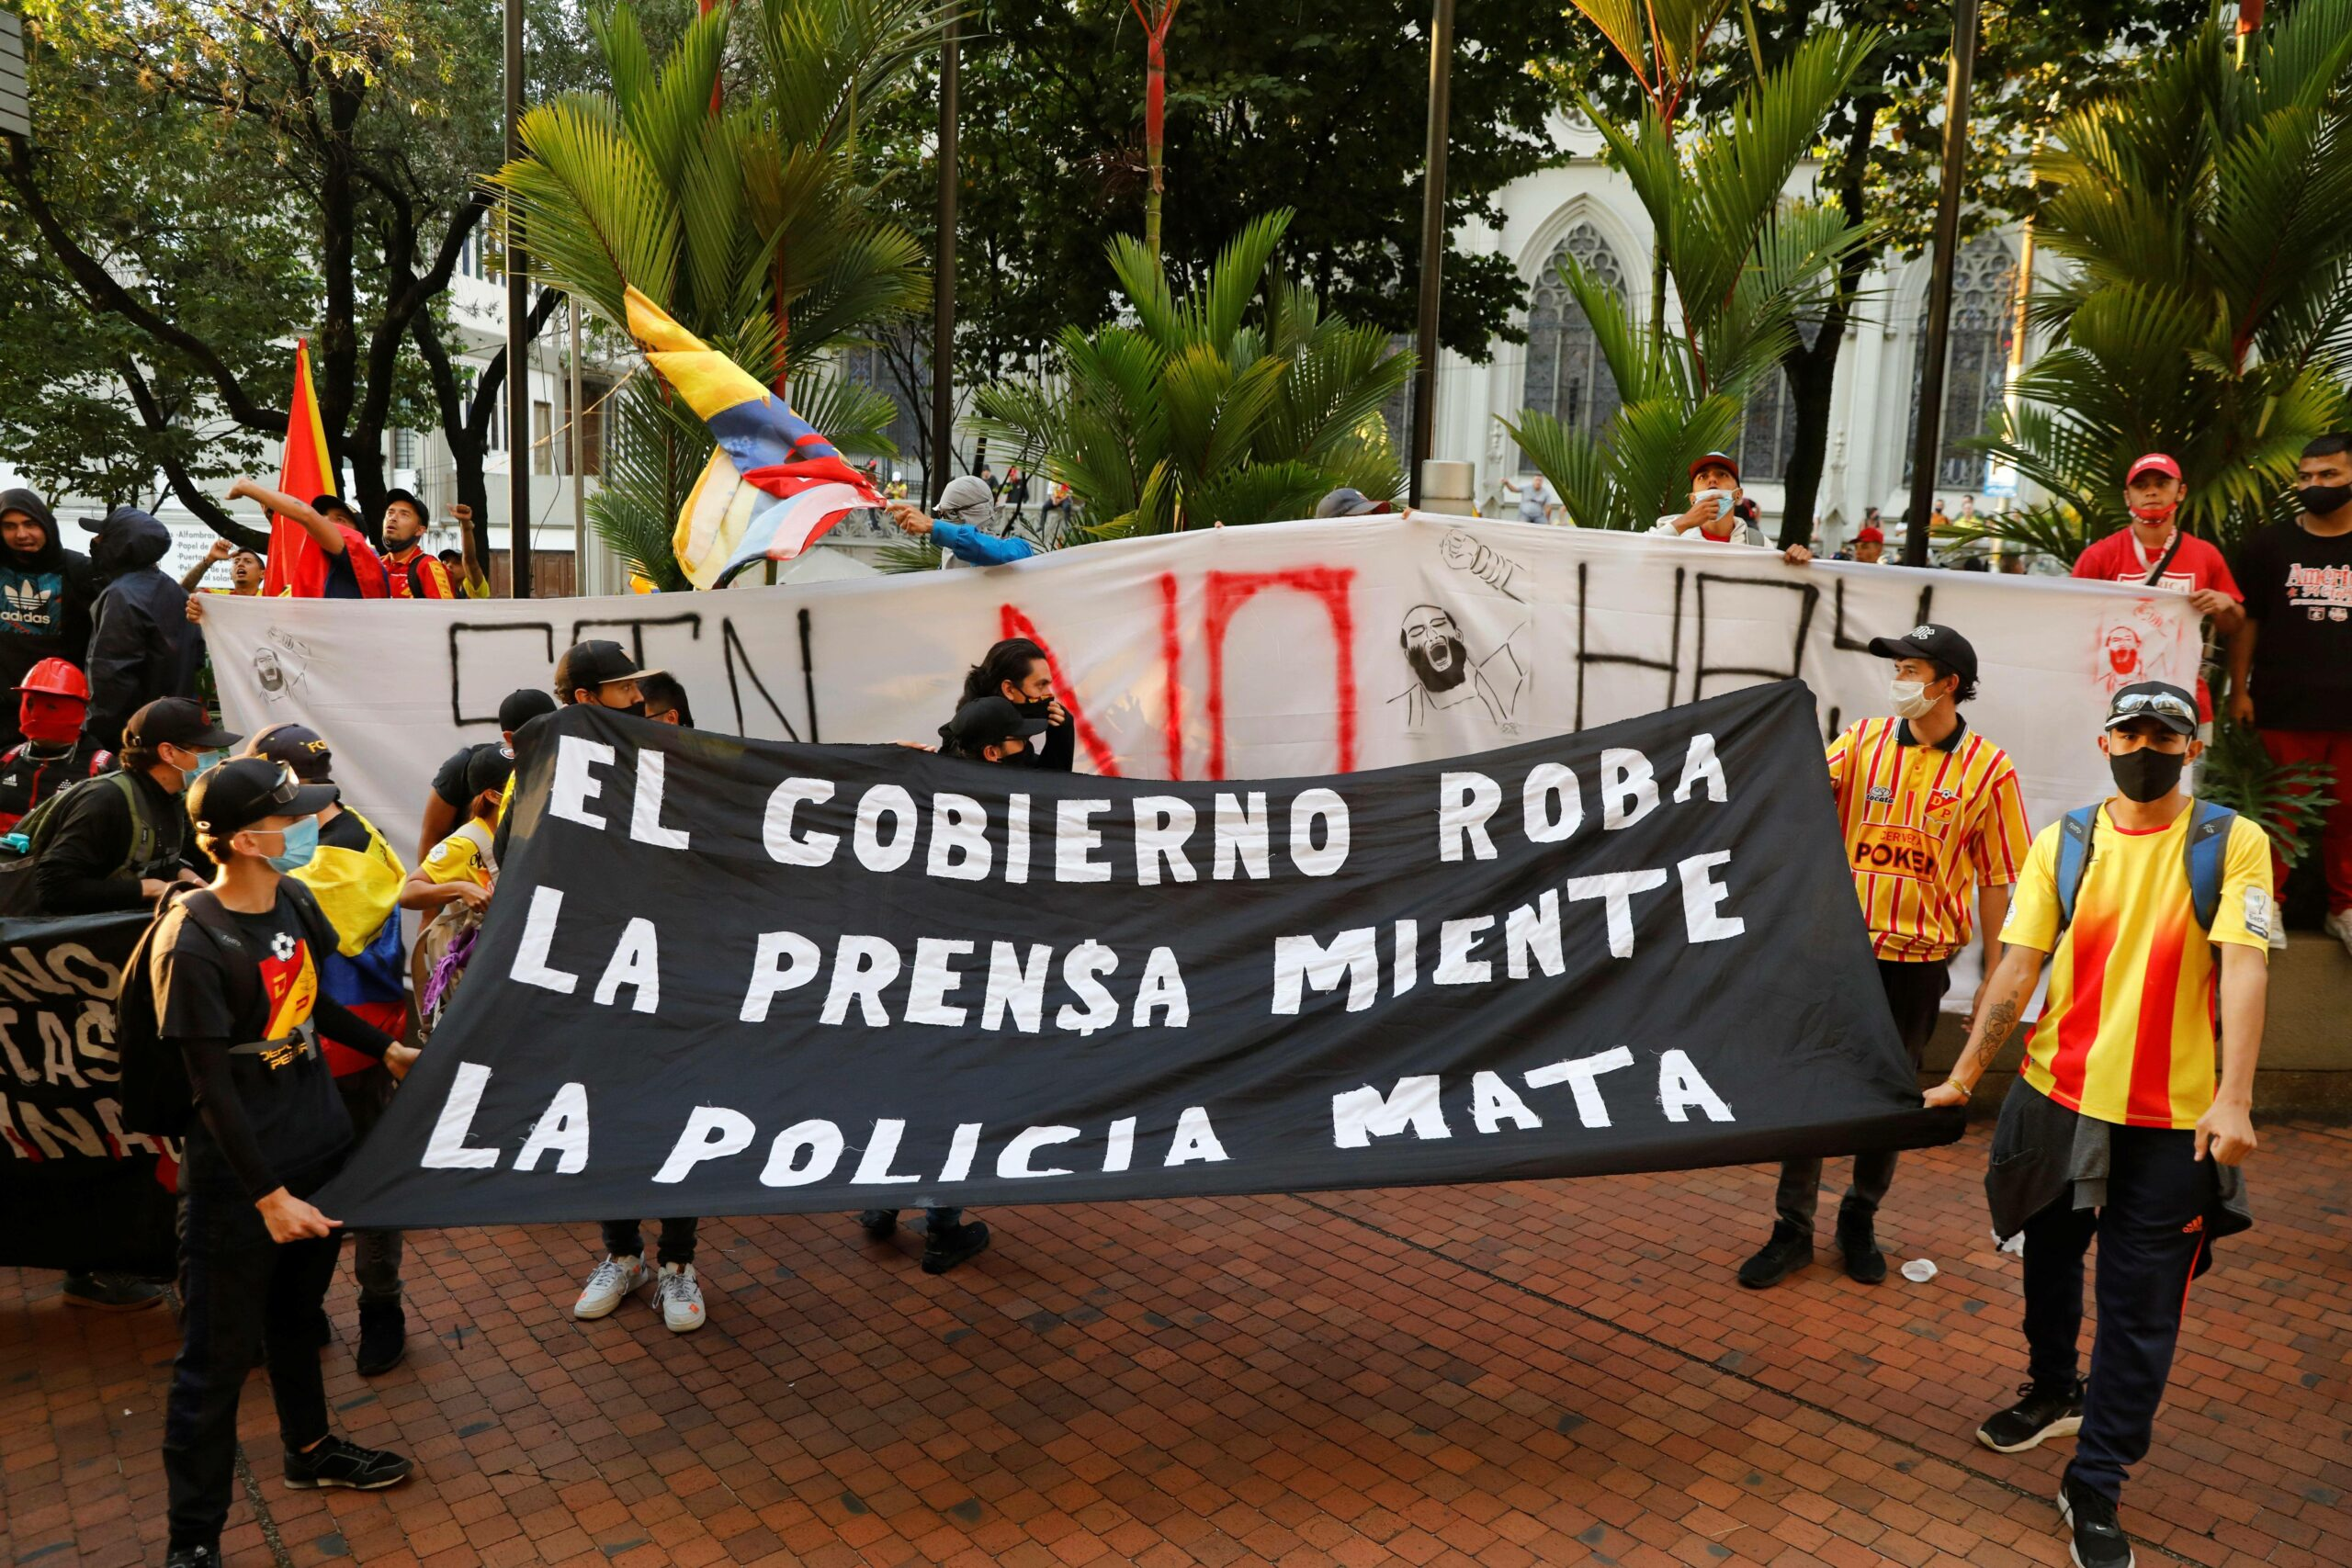 """Proteste gegen Copa America: """"die Regierung stiehlt, die Presse lügt, die Polizei tötet"""""""